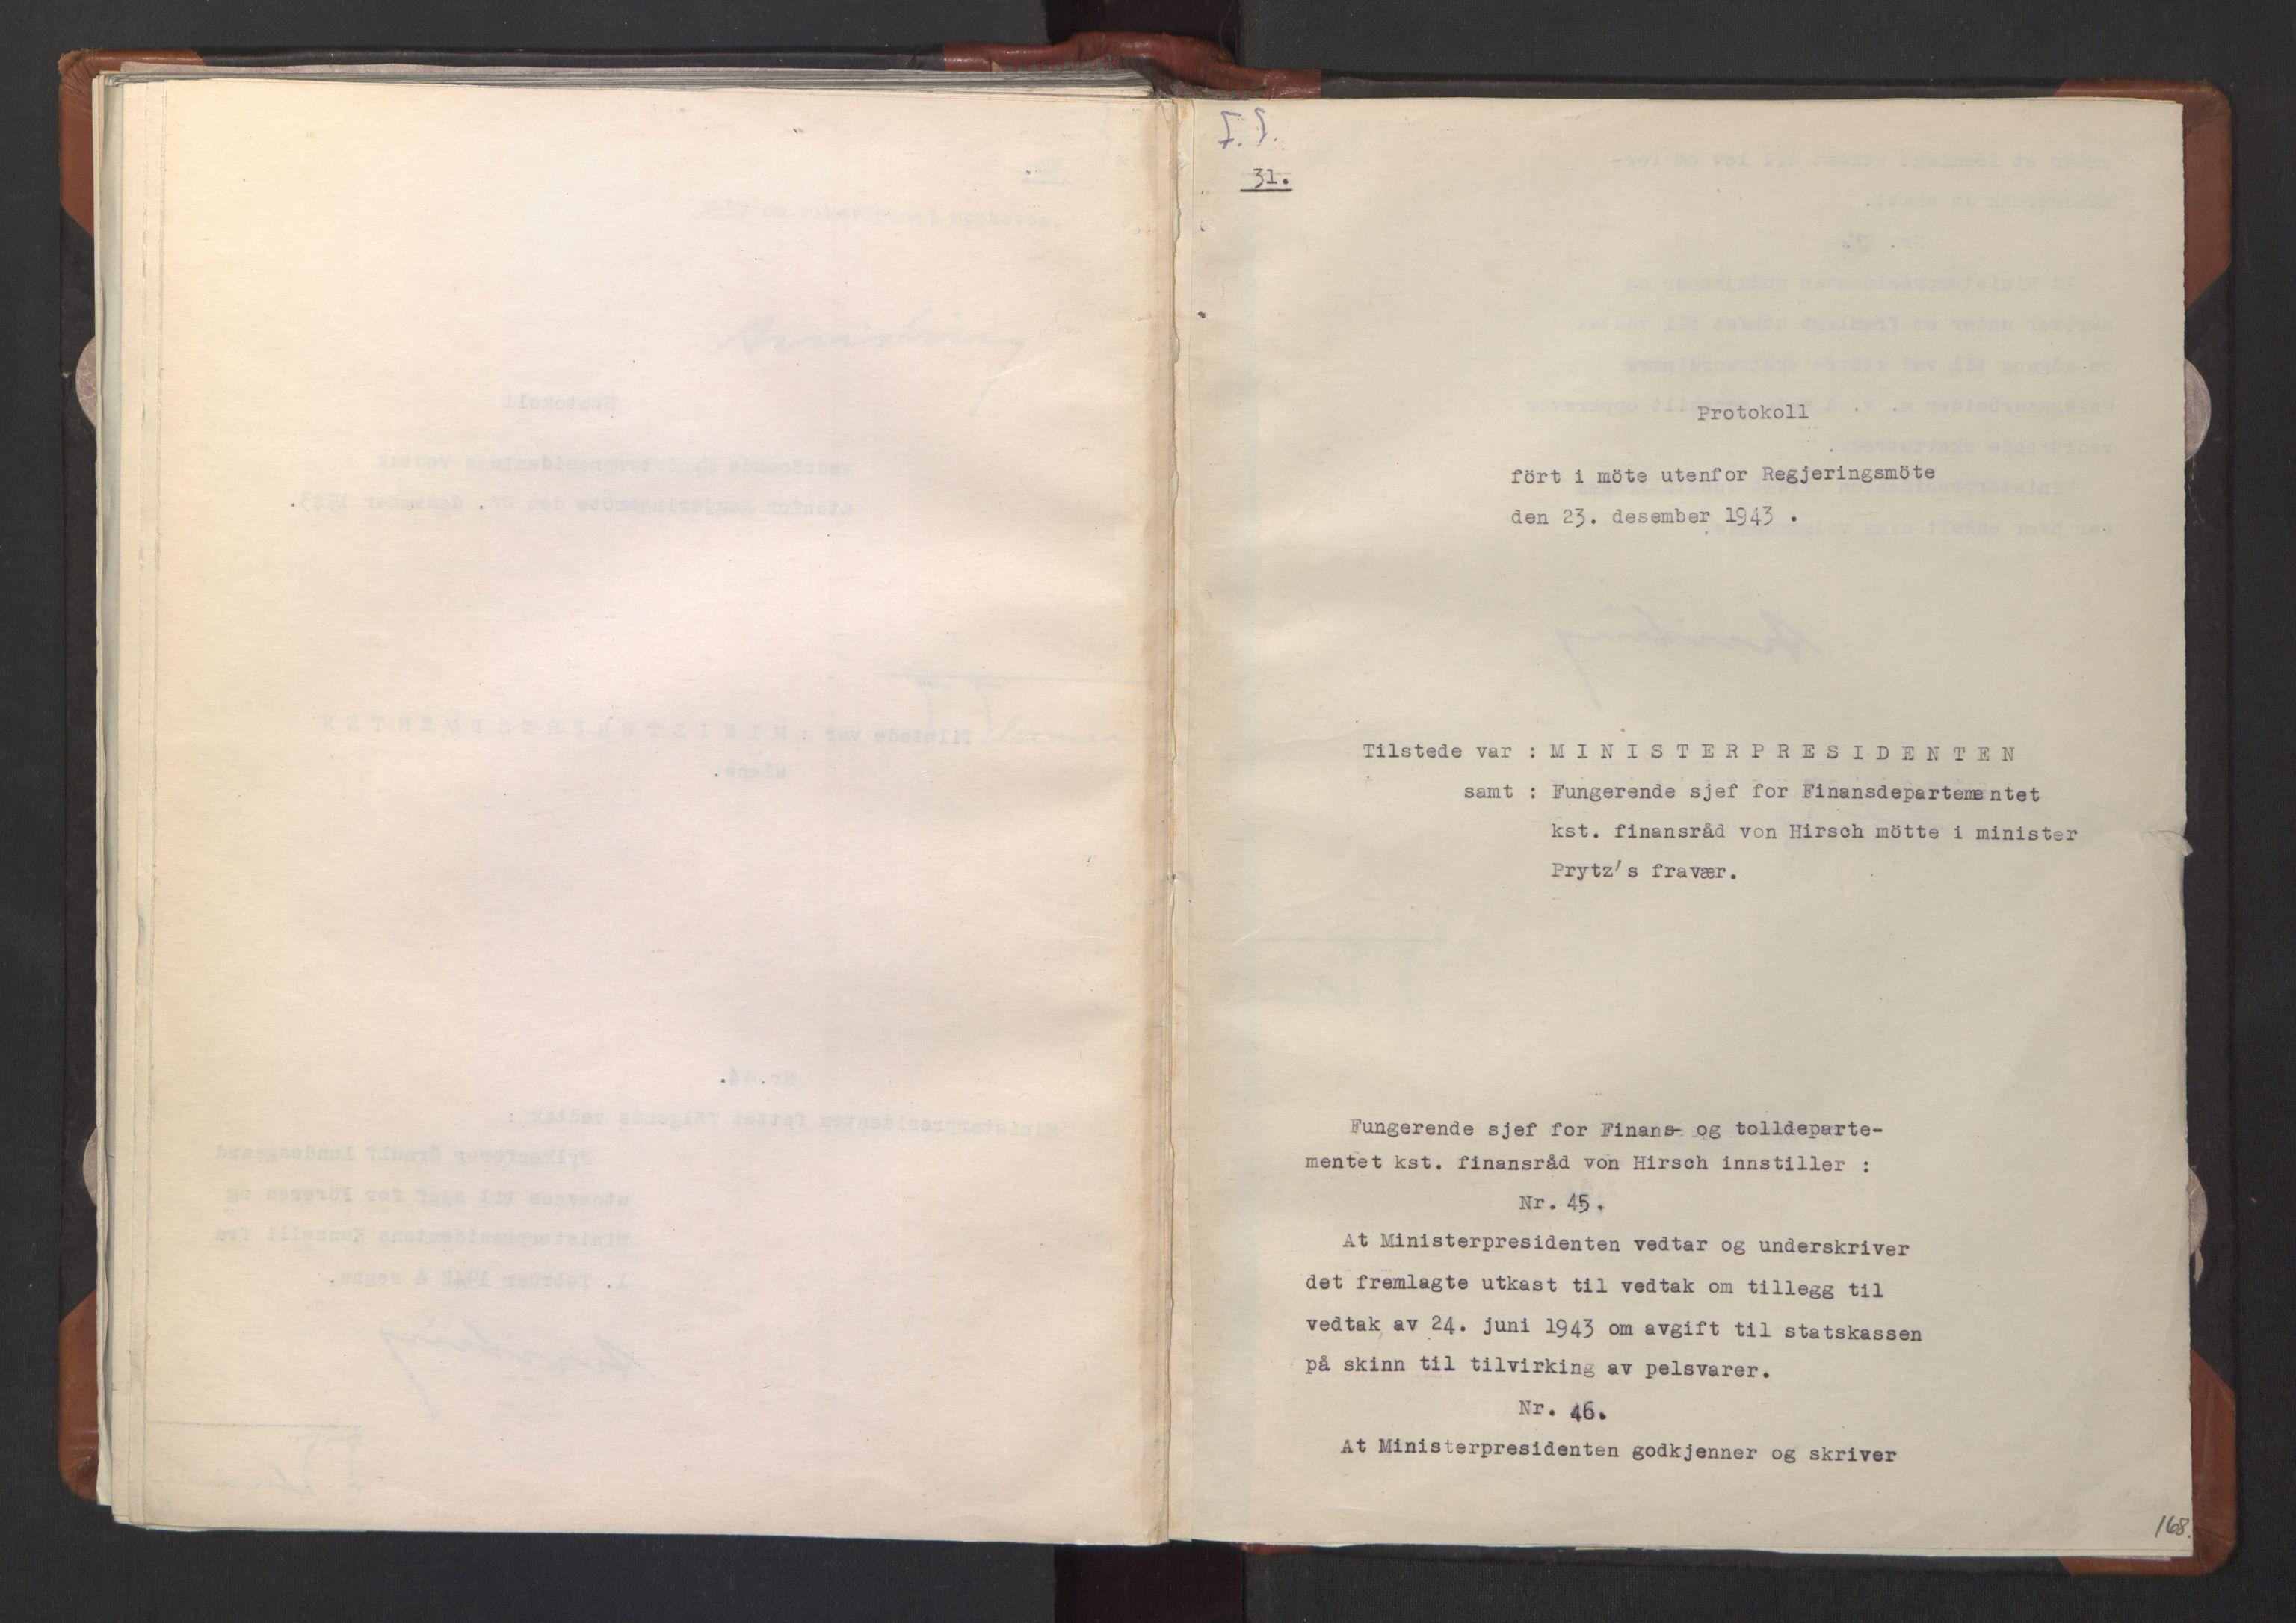 RA, NS-administrasjonen 1940-1945 (Statsrådsekretariatet, de kommisariske statsråder mm), D/Da/L0003: Vedtak (Beslutninger) nr. 1-746 og tillegg nr. 1-47 (RA. j.nr. 1394/1944, tilgangsnr. 8/1944, 1943, s. 167b-168a